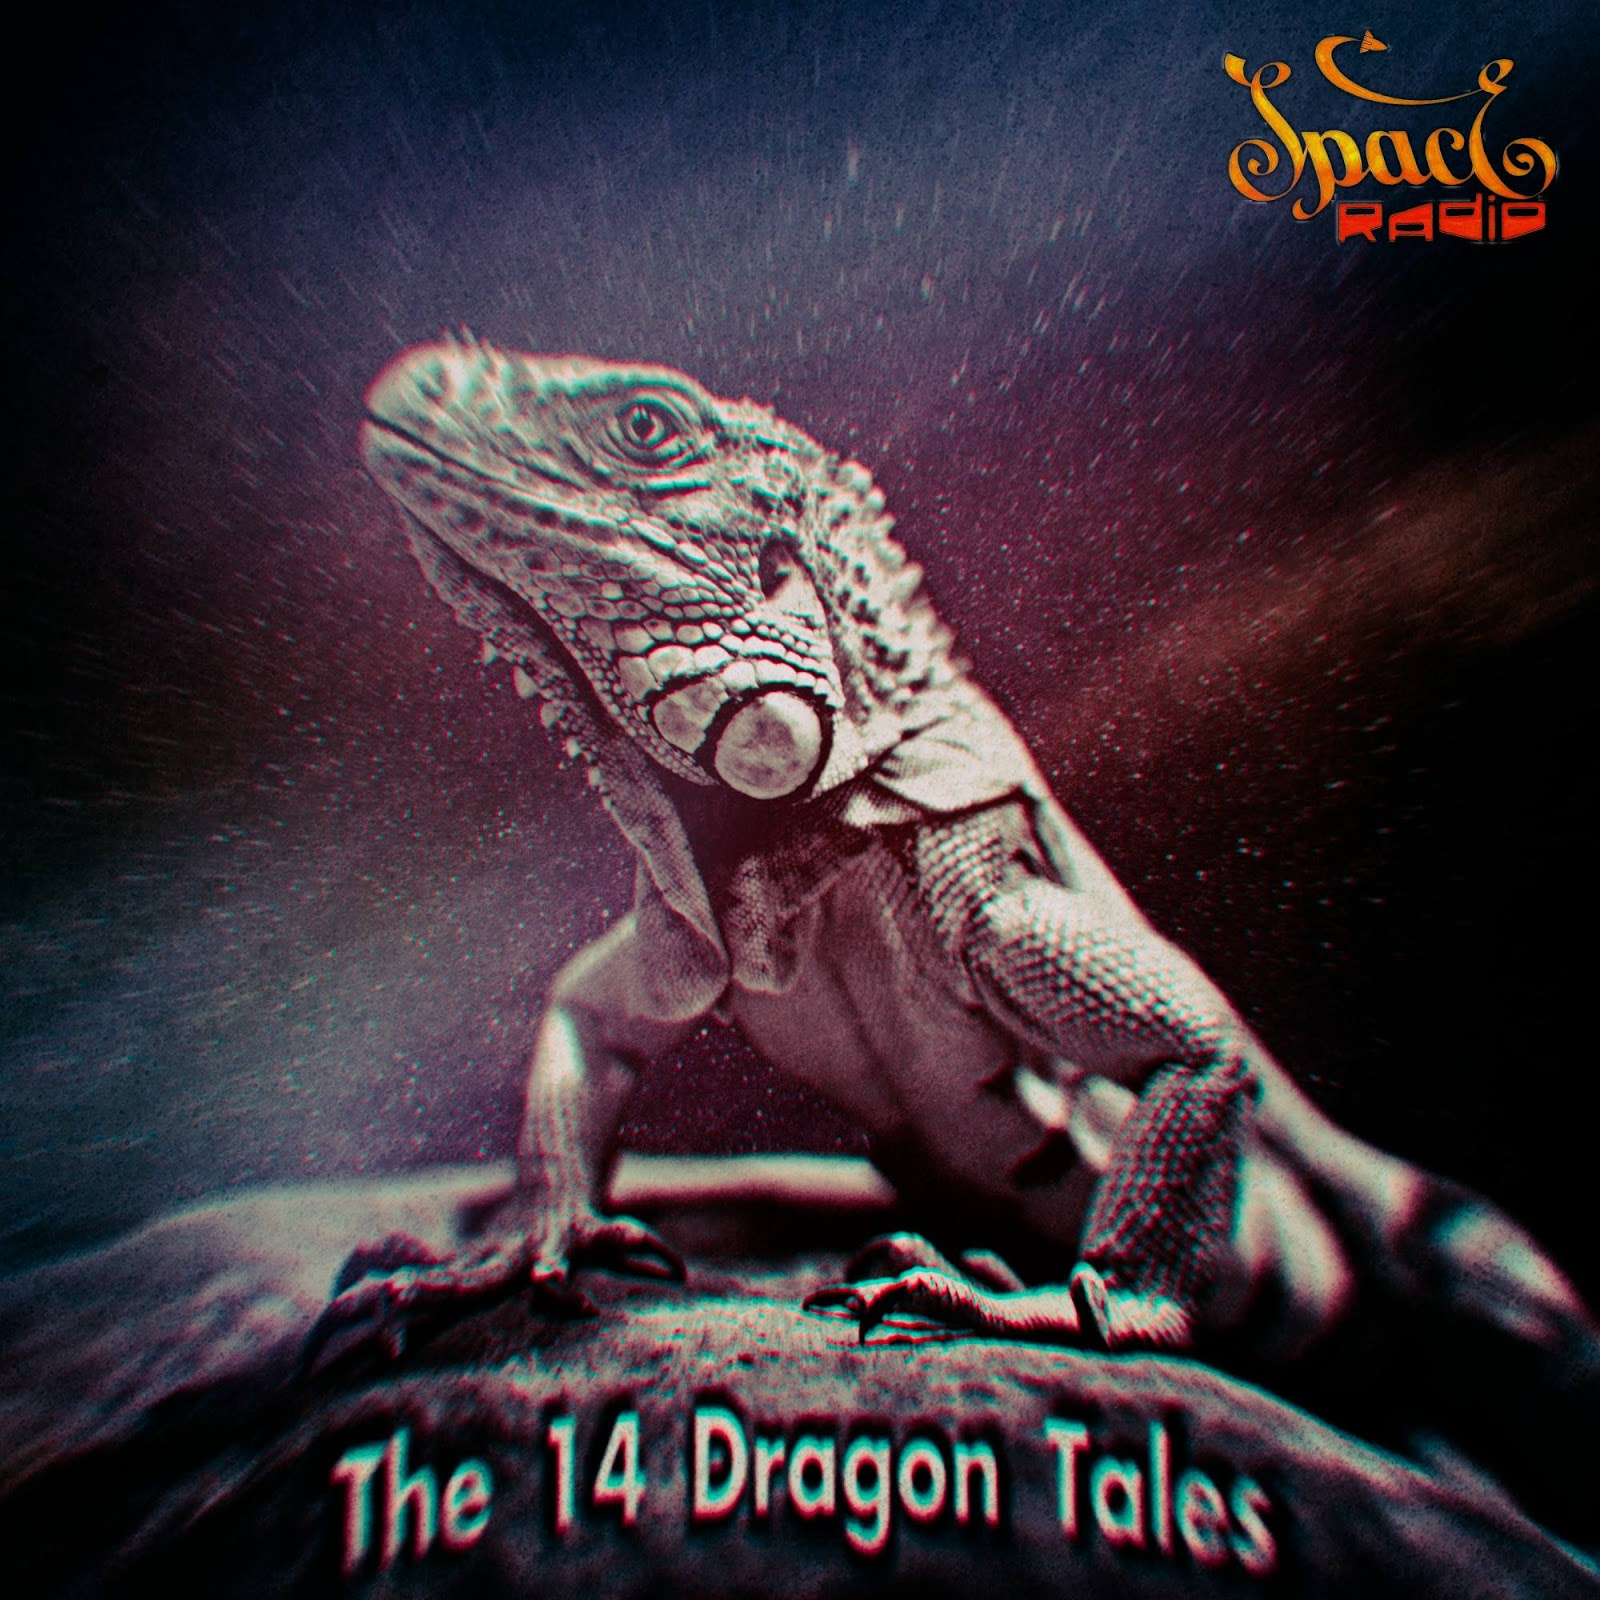 http://store.spaceradiorecords.com/album/va-the-14-dragon-tales